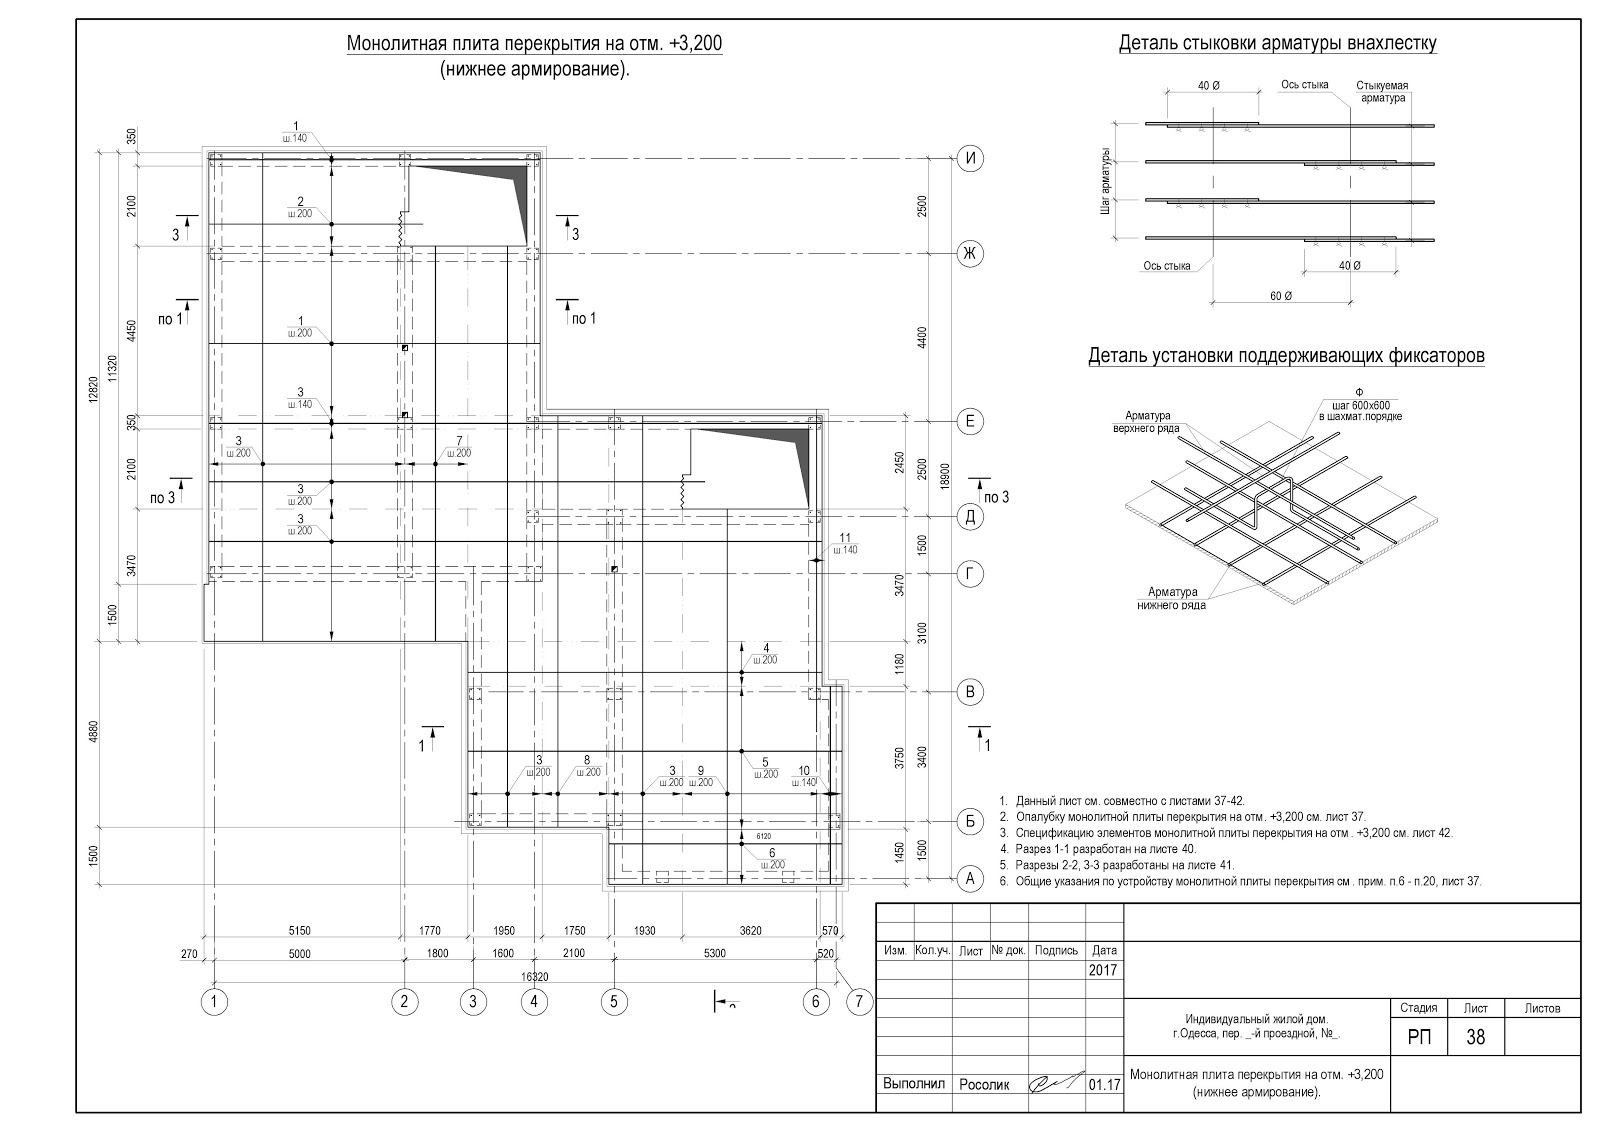 проект монолитной плиты перекрытия